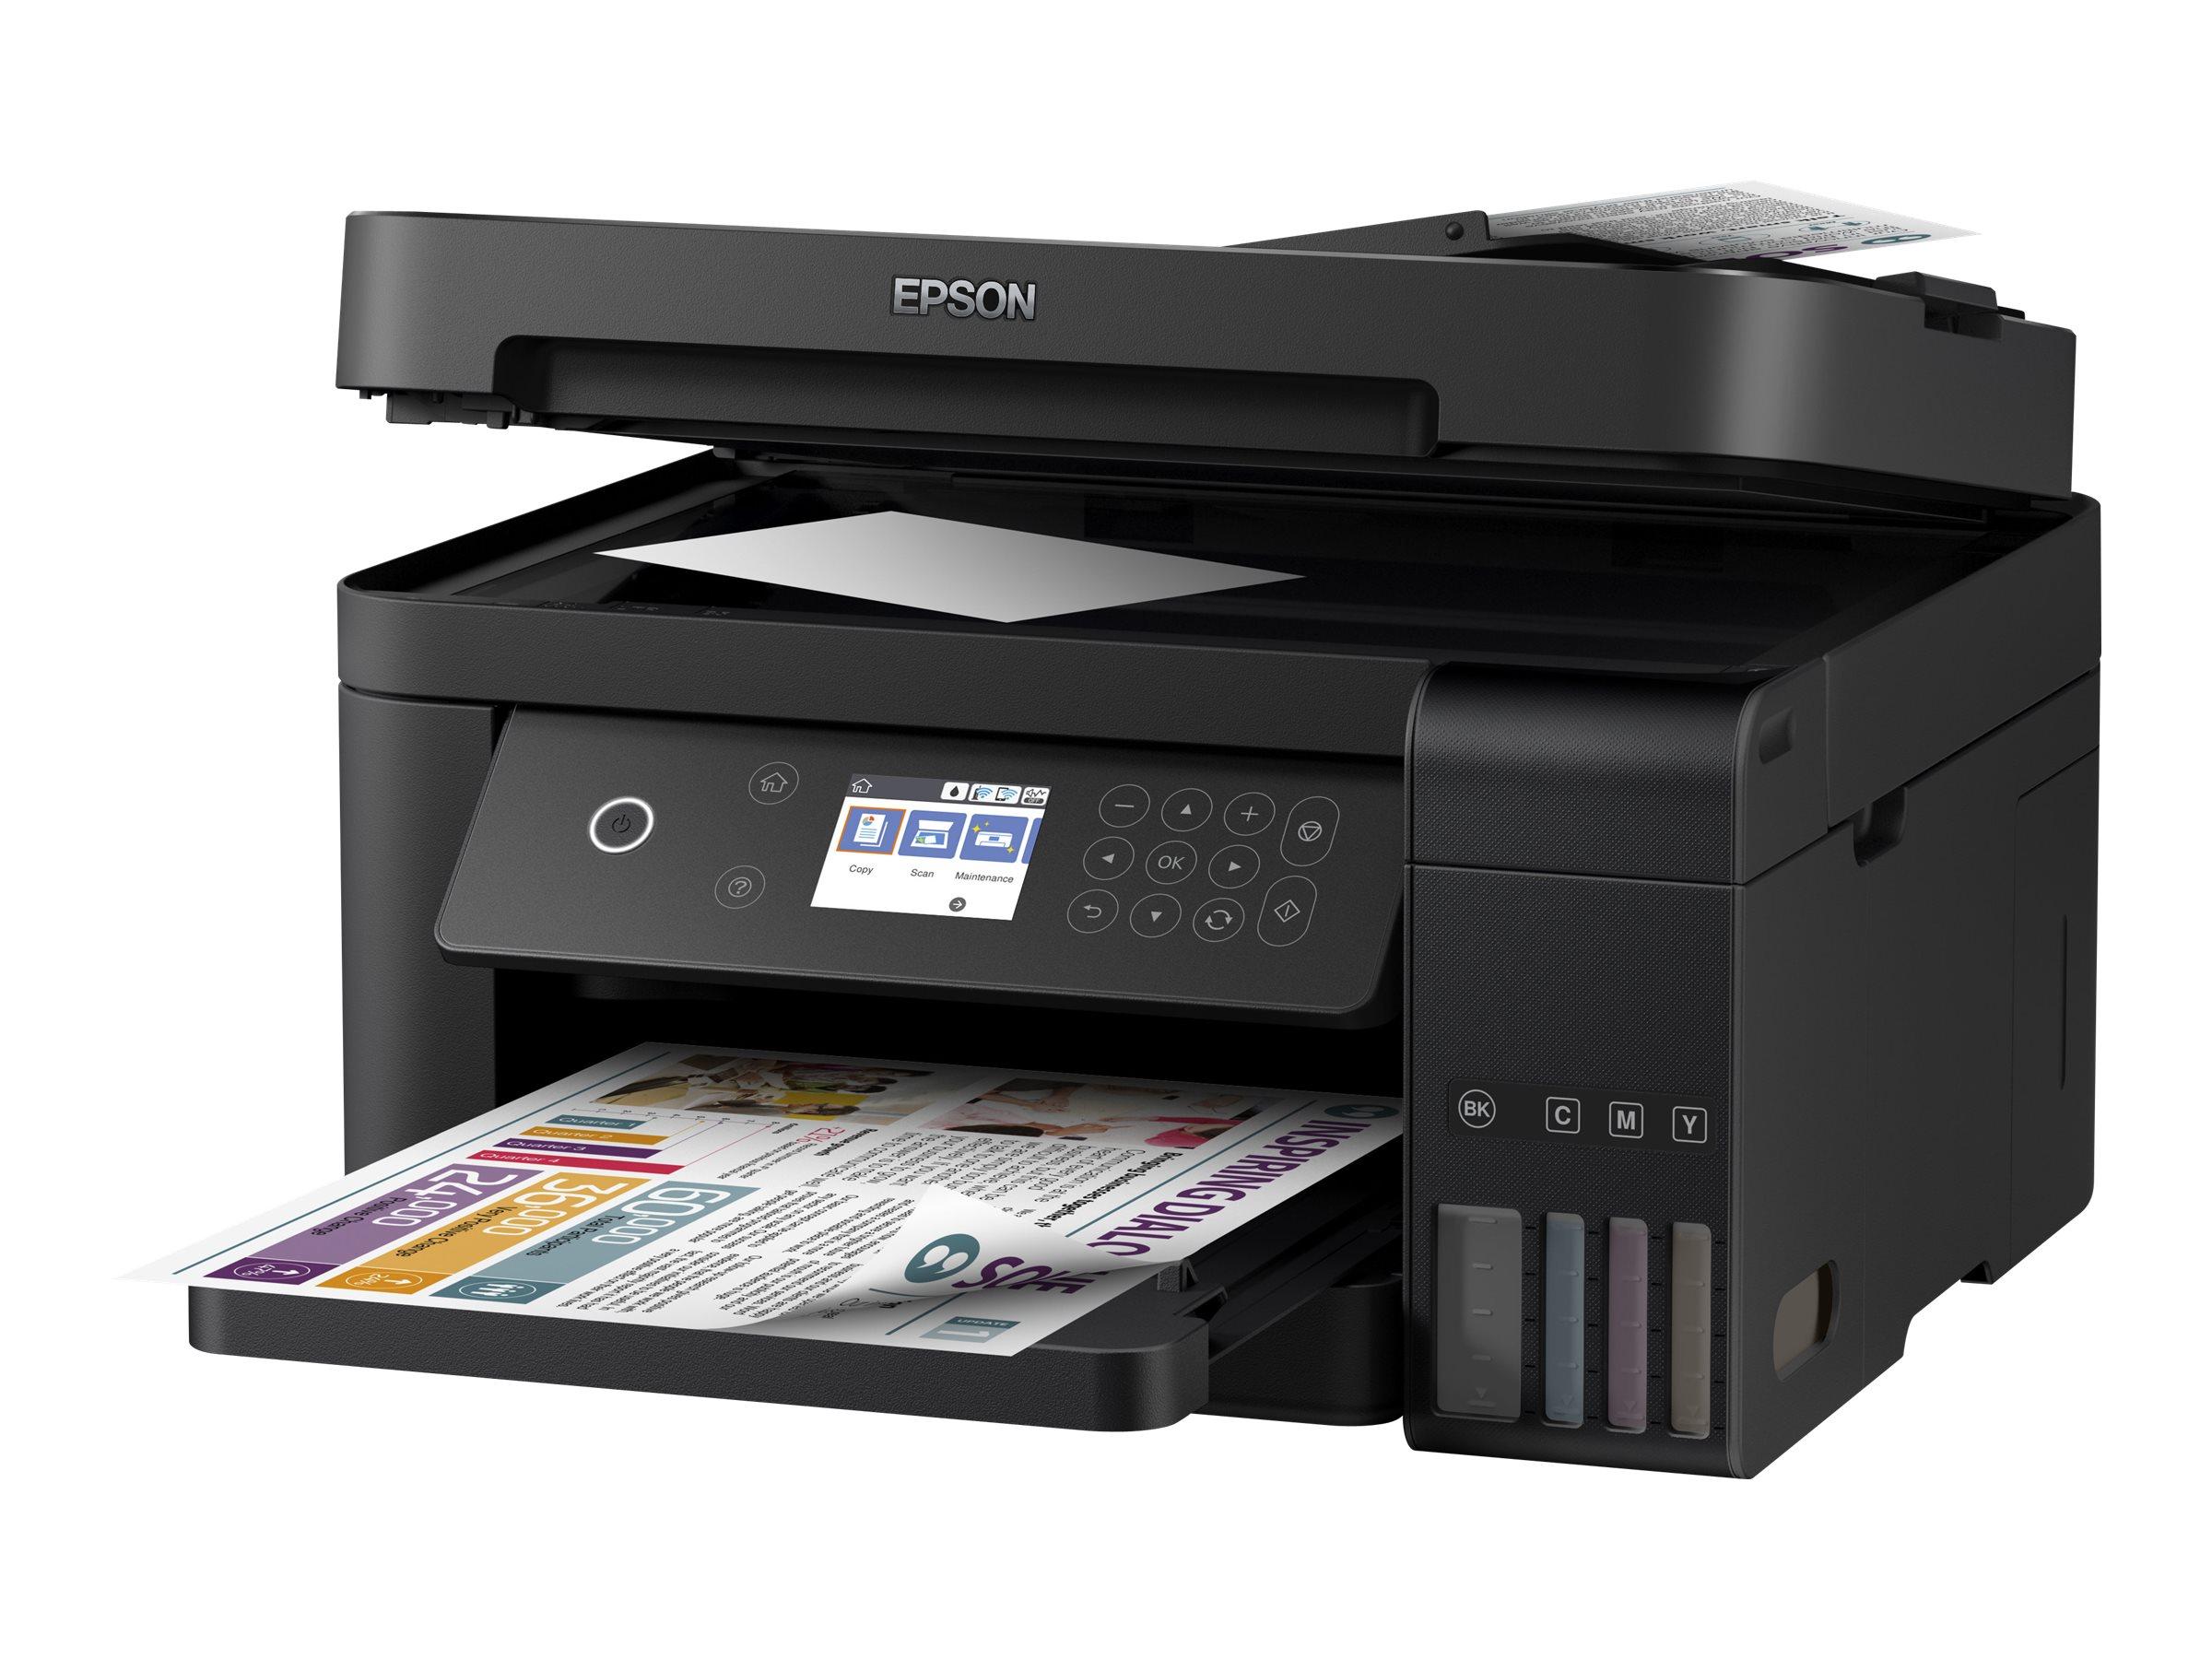 Epson EcoTank ET-3750 - Multifunktionsdrucker - Farbe - Tintenstrahl - A4/Legal (Medien) - bis zu 33 Seiten/Min. (Drucken)